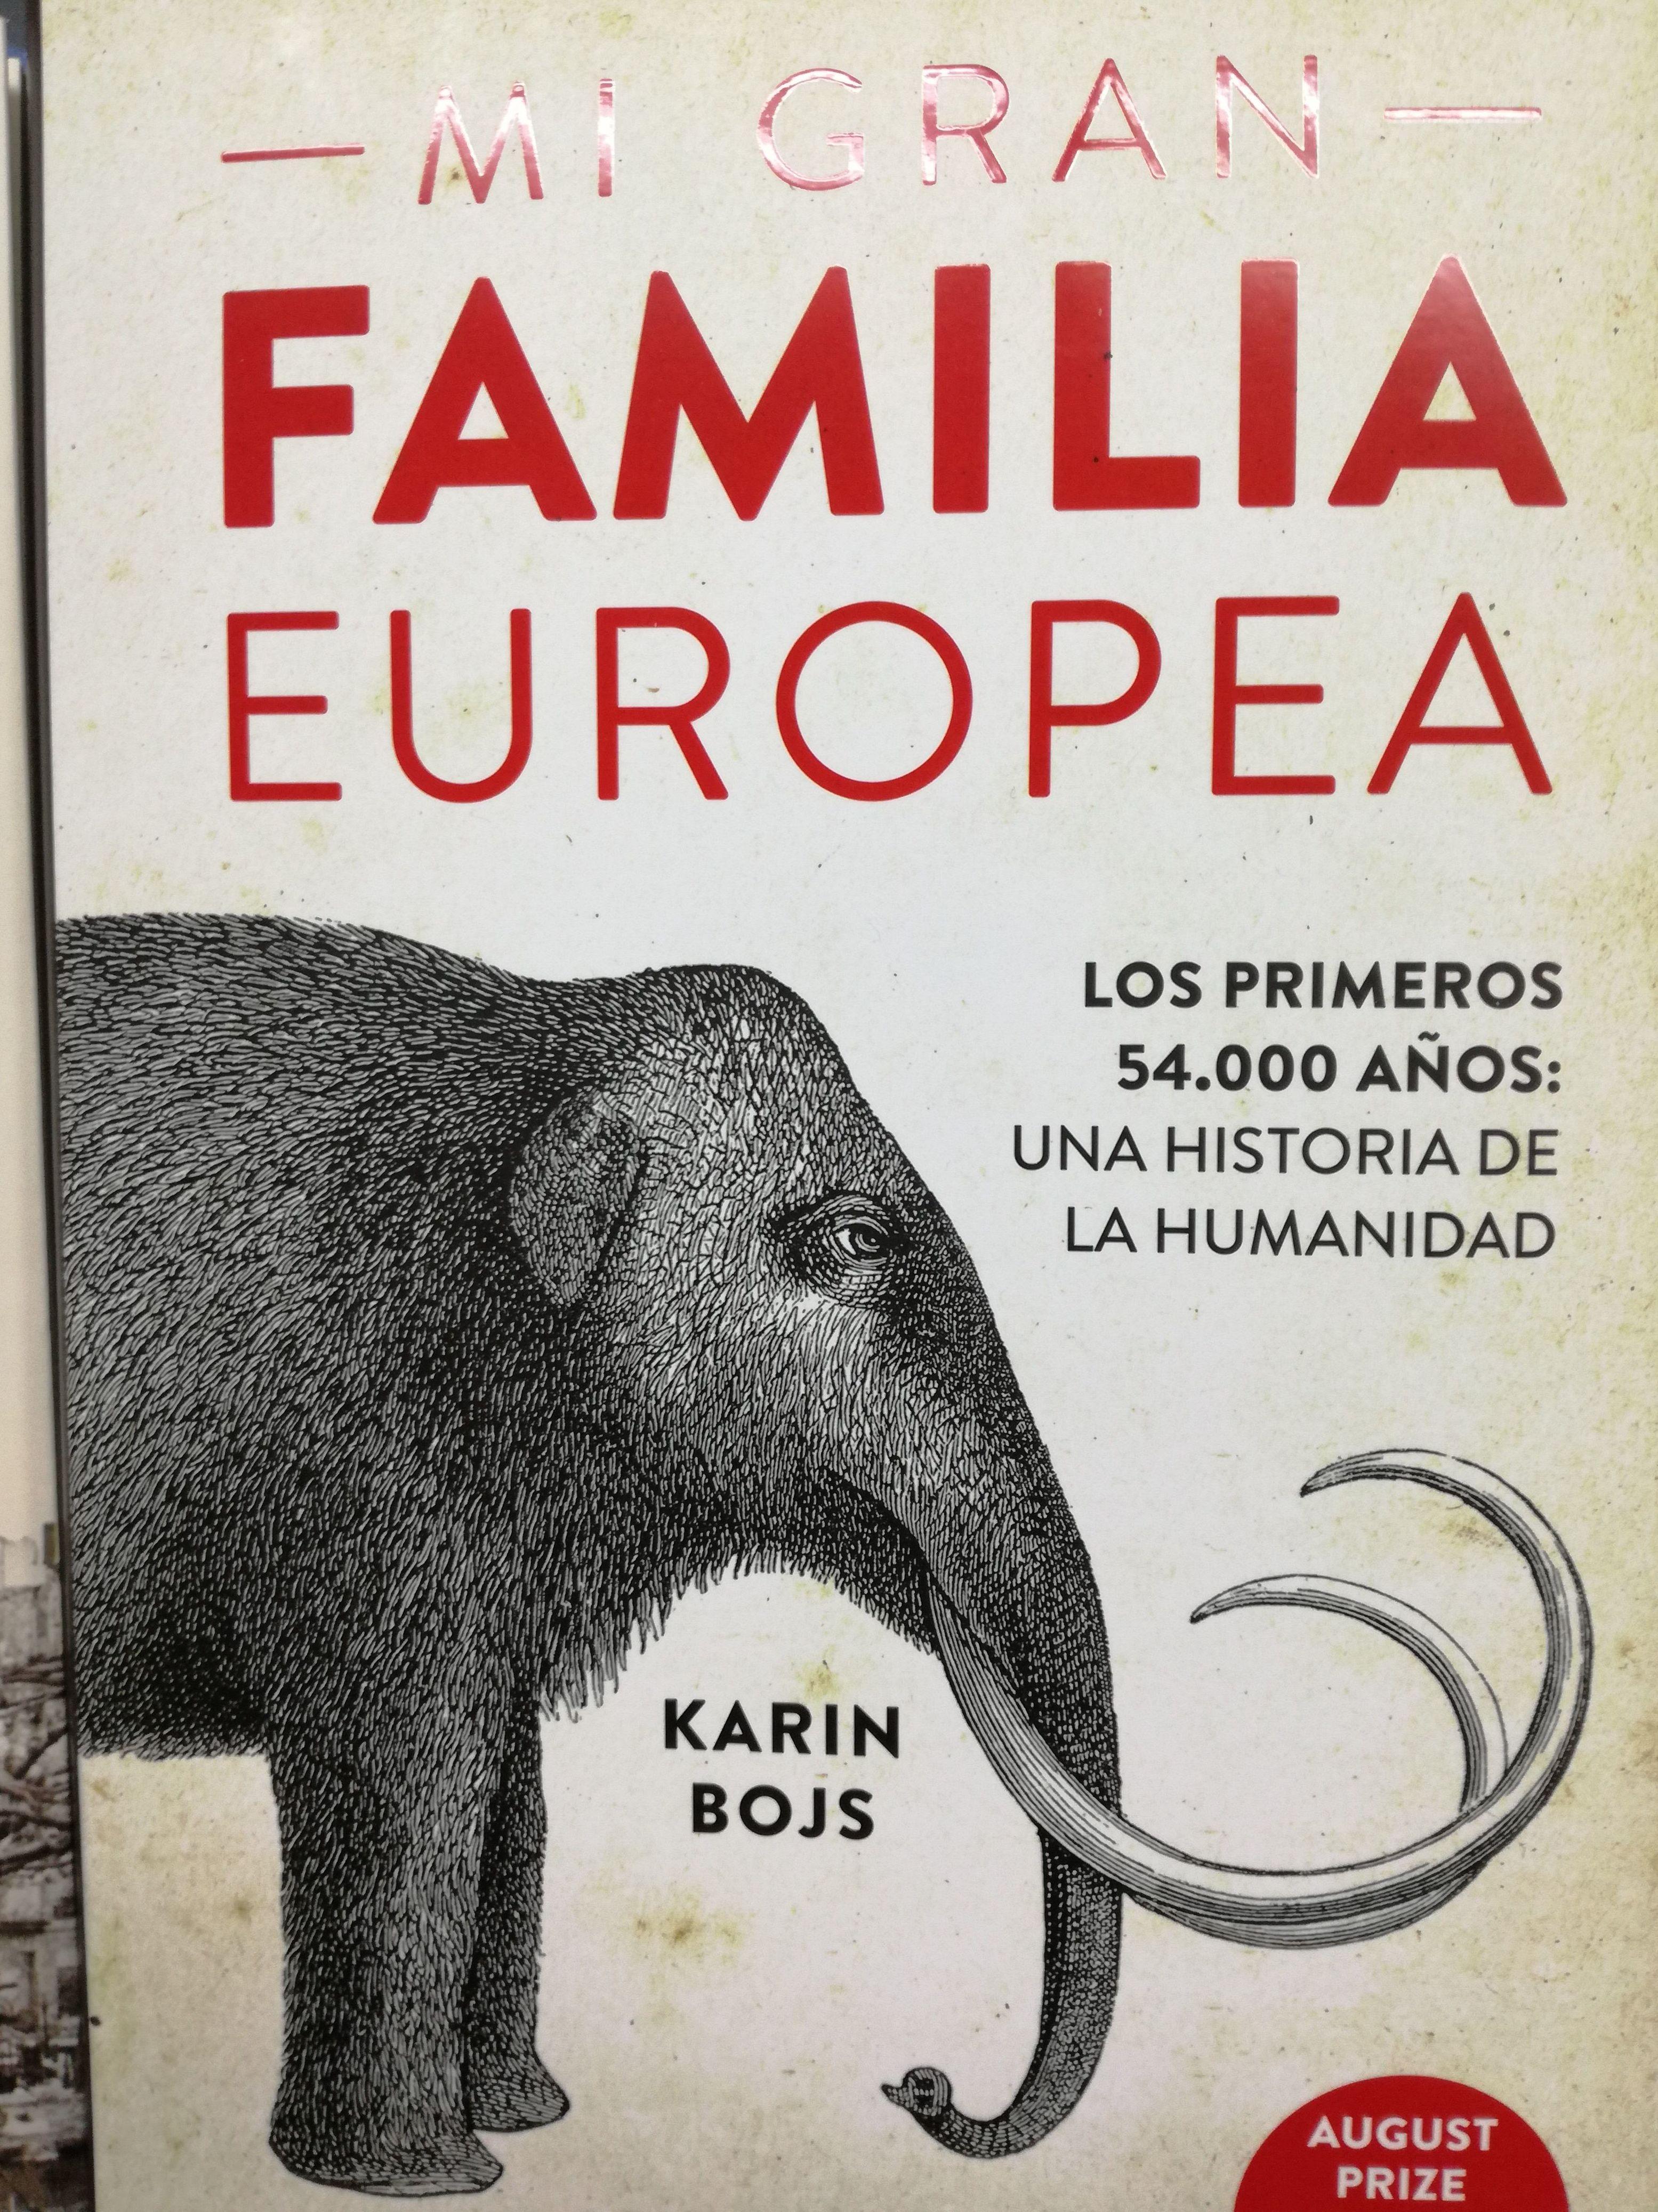 MI GRAN FAMILIA EUROPEA : SECCIONES de Librería Nueva Plaza Universitaria